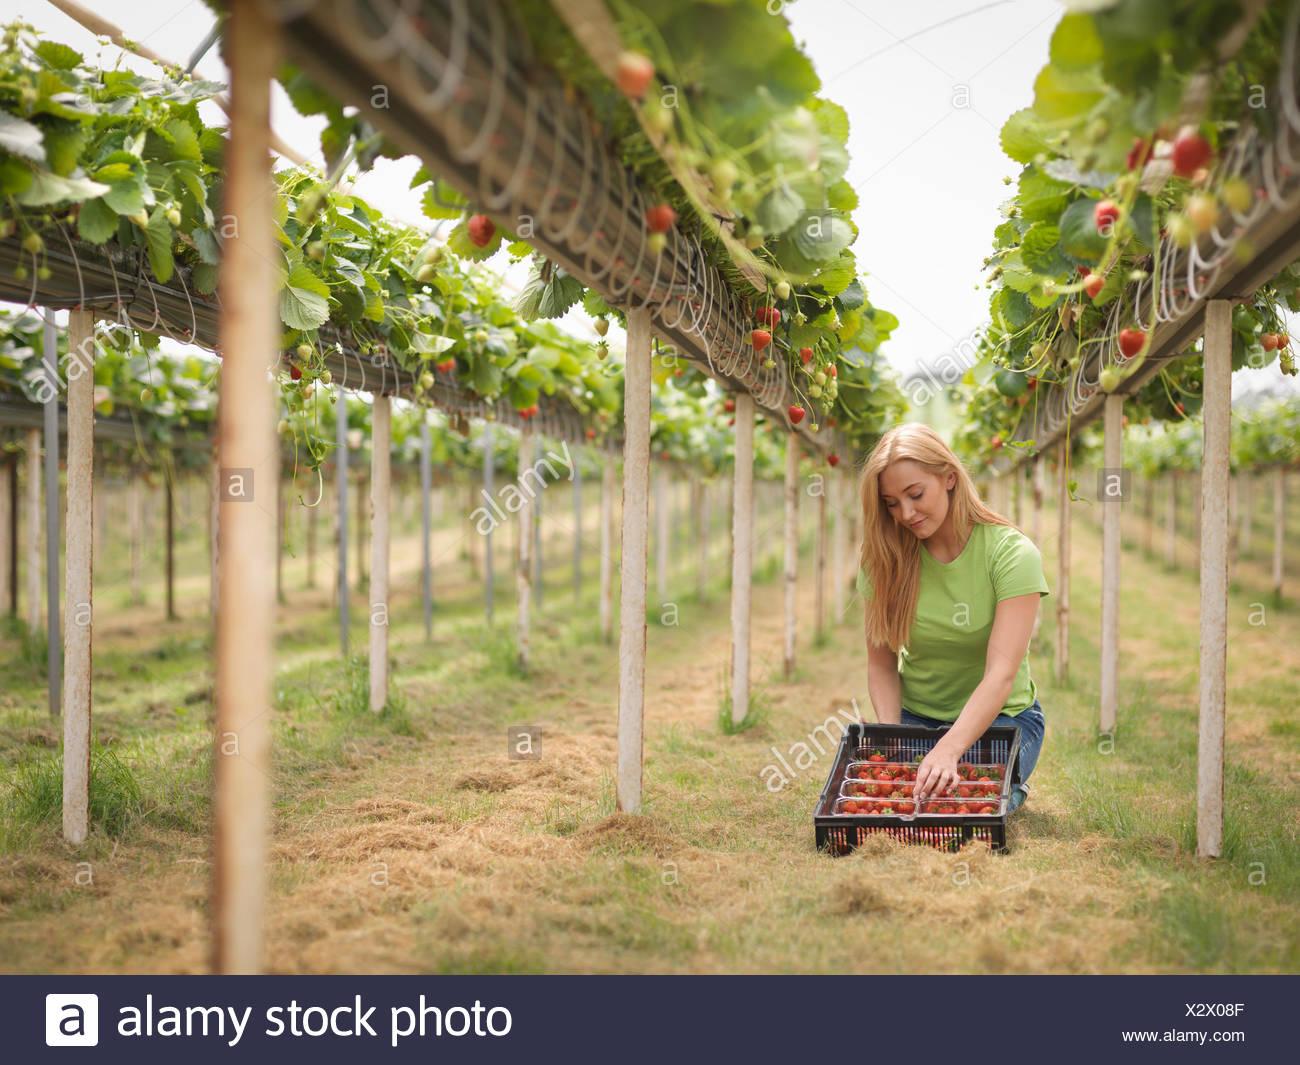 La cueillette des fraises en travailleur polytunnel sur fruit farm Photo Stock